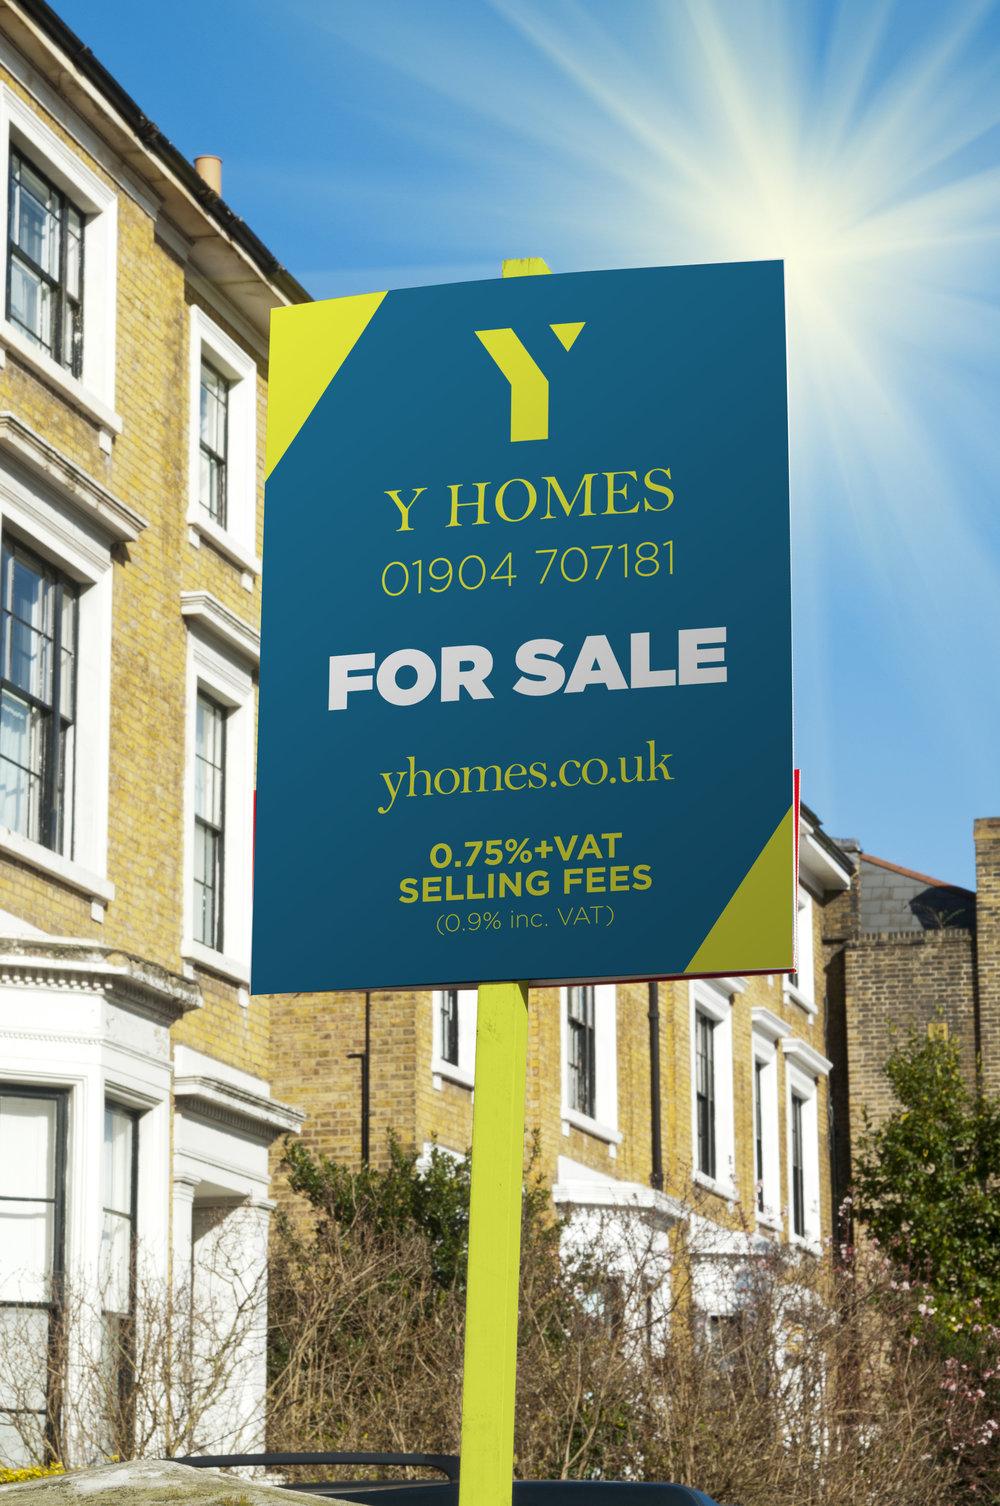 Y Homes For Sale Board.jpg